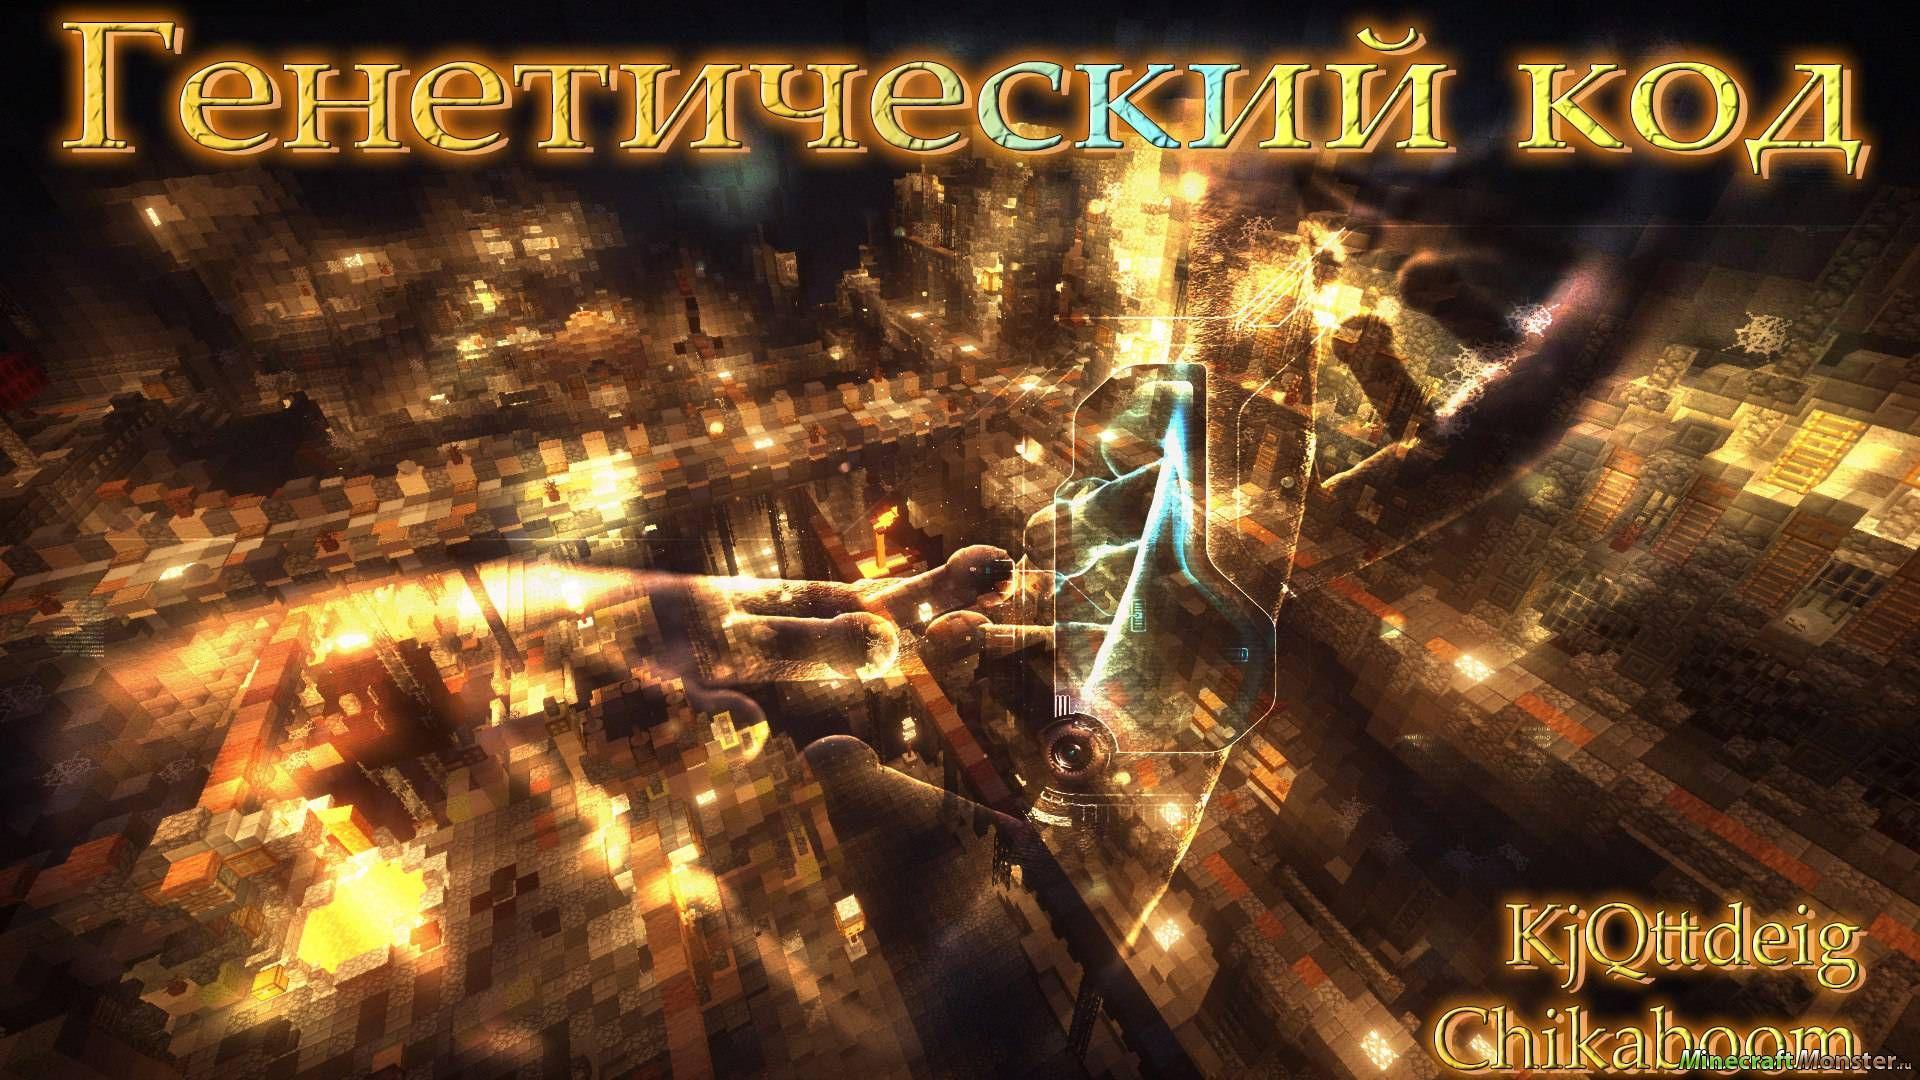 Скачать карту для minecraft 1.7.2 загадочная башня - c725